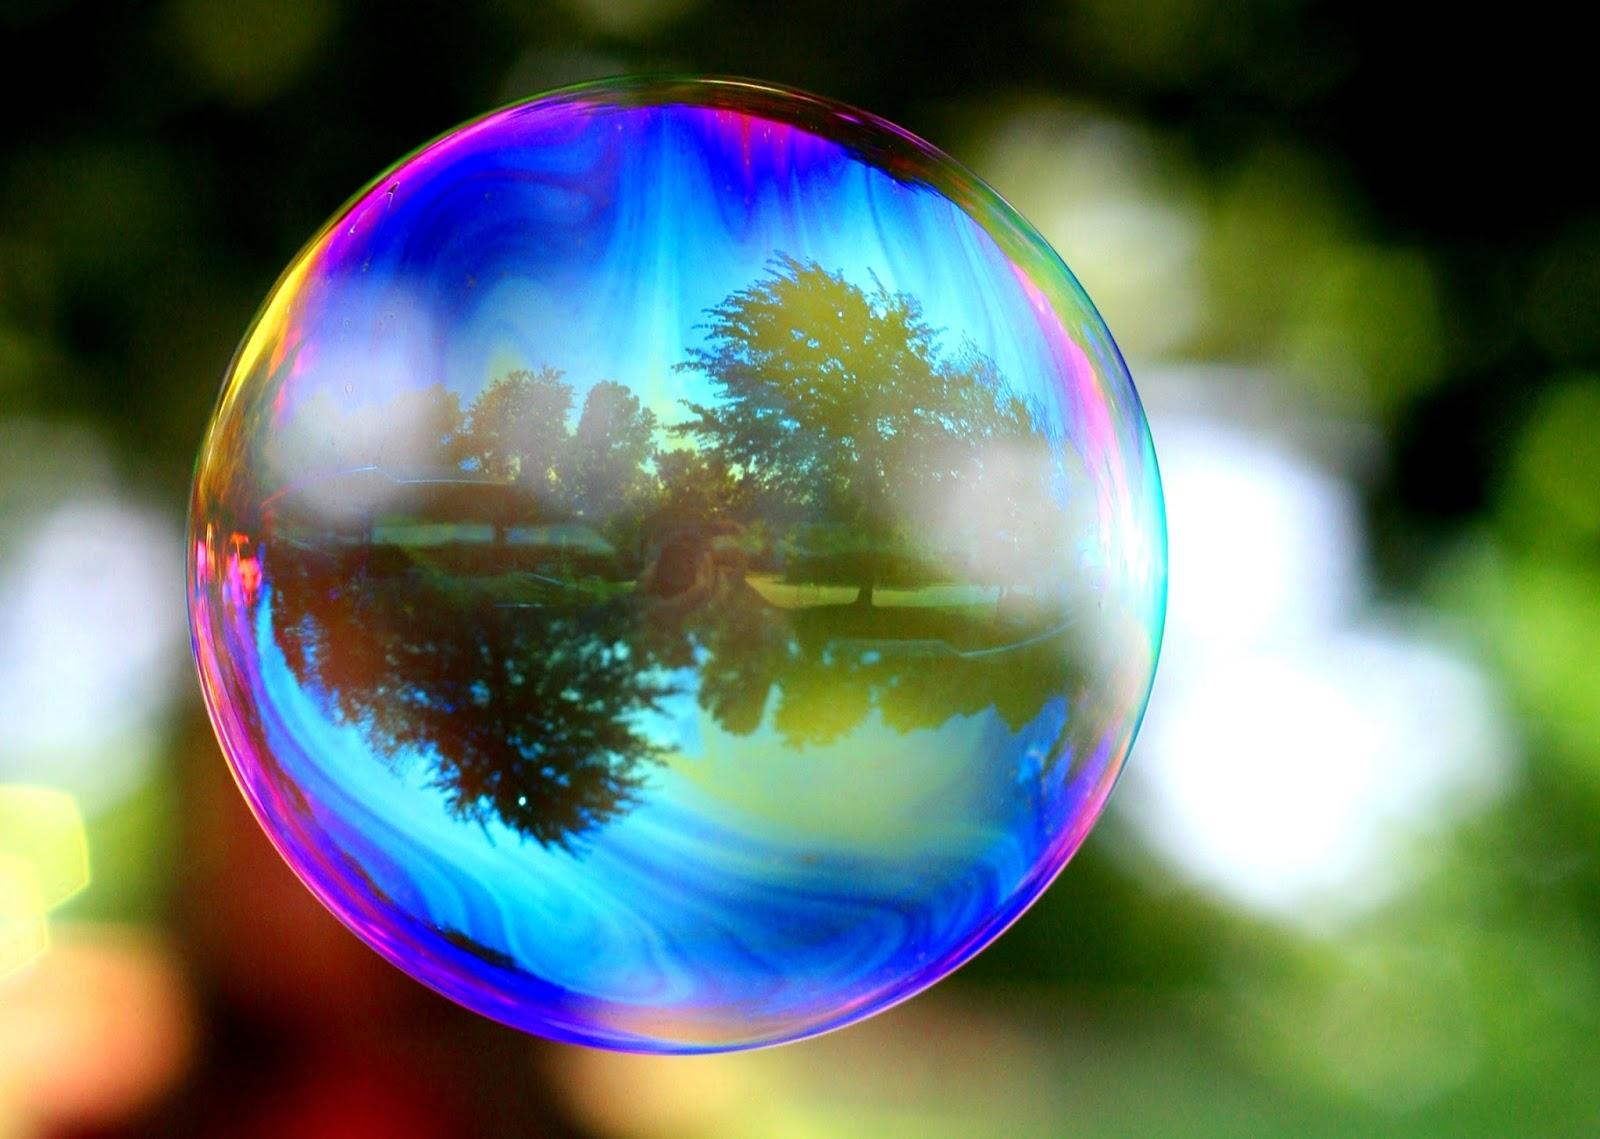 bubblen